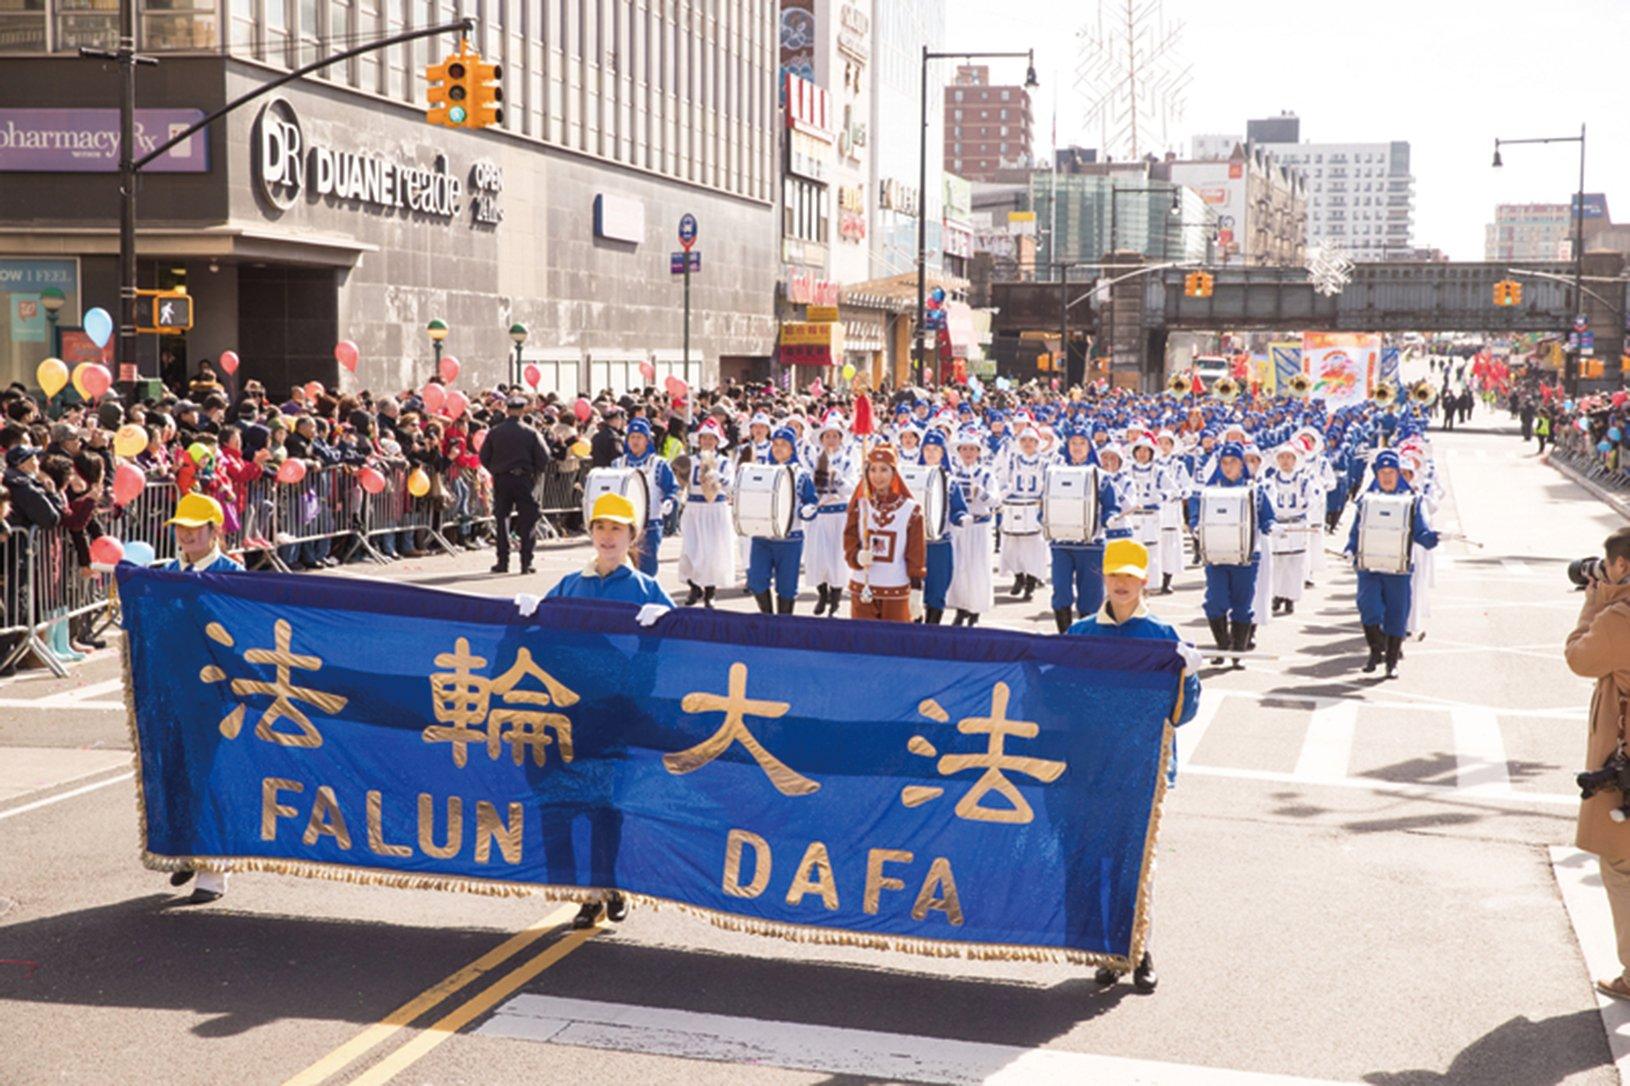 2018年2月17日,紐約中國新年大遊行,法輪功的陣容最大引轟動。(戴兵/大紀元)